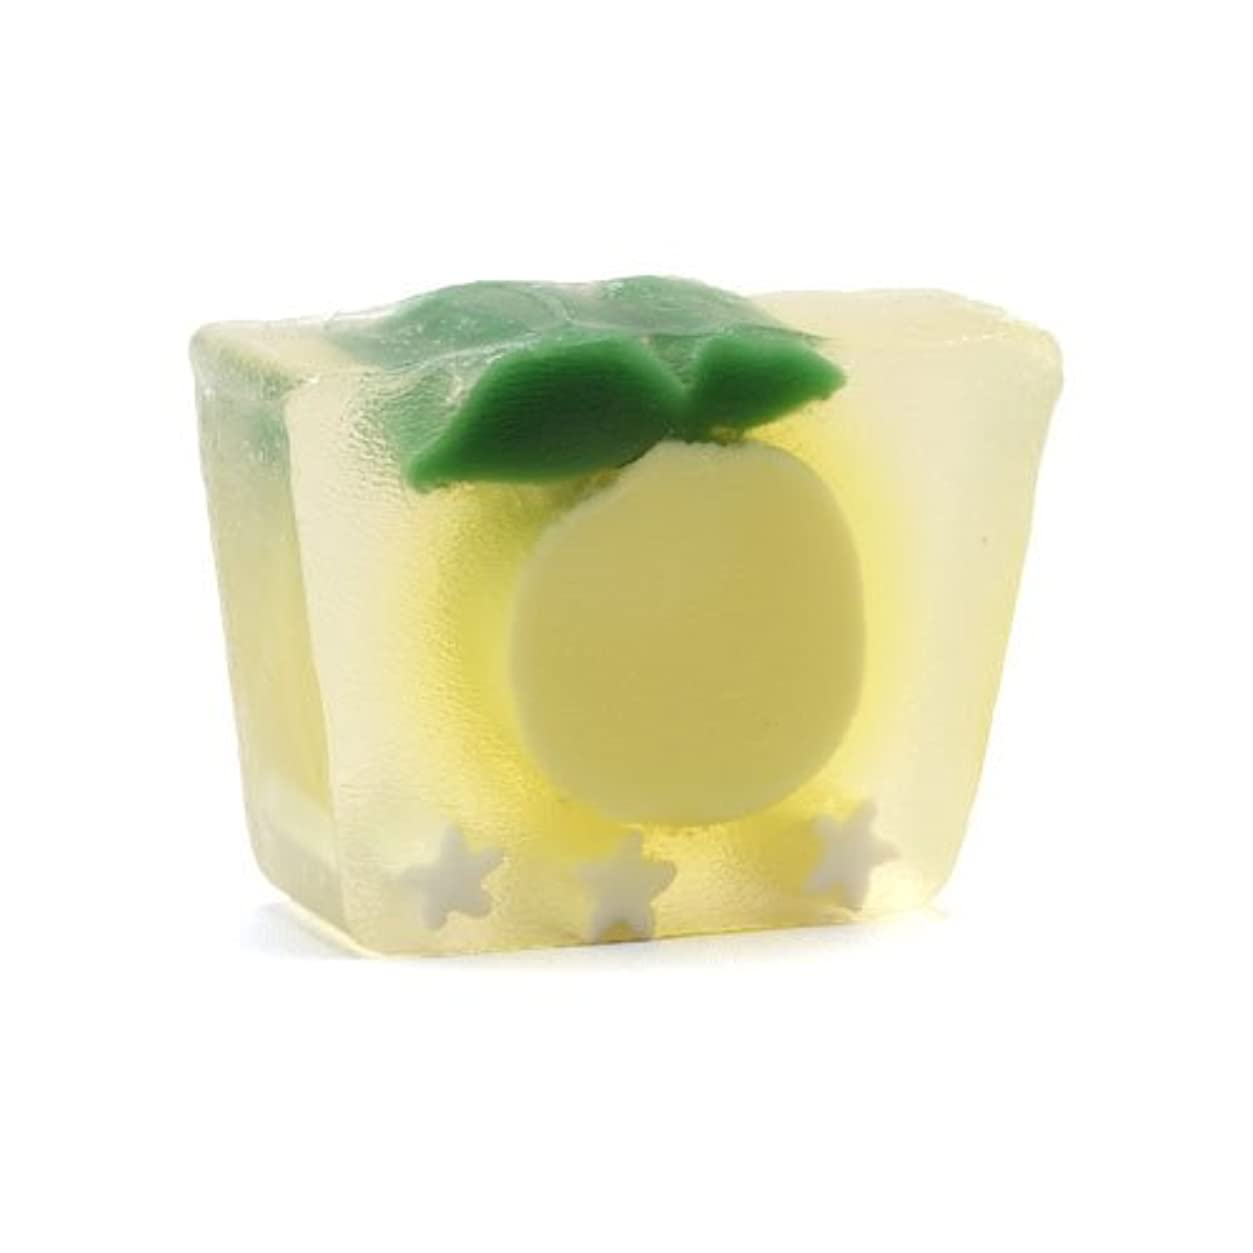 ラップトップ大邸宅知り合いプライモールエレメンツ アロマティック ミニソープ カリフォルニアレモン 80g 植物性 ナチュラル 石鹸 無添加